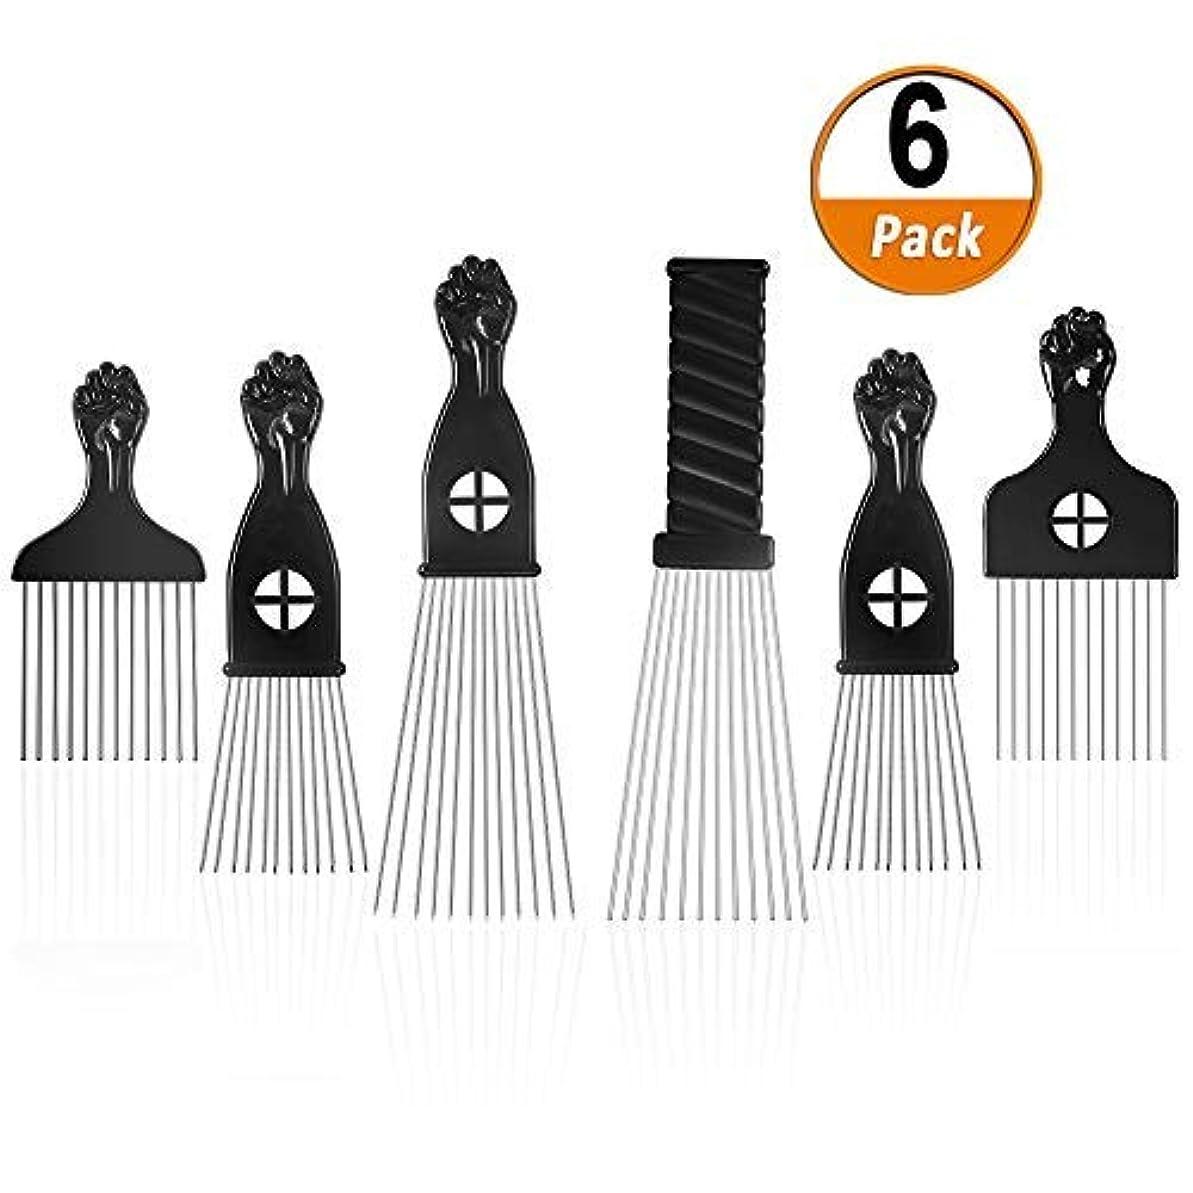 矛盾する老人ジョージスティーブンソンAfro Pick 6 Pack Metal African American Afro Hair Comb Hairdressing Styling Tool Hair Pick with Black Fist [並行輸入品]